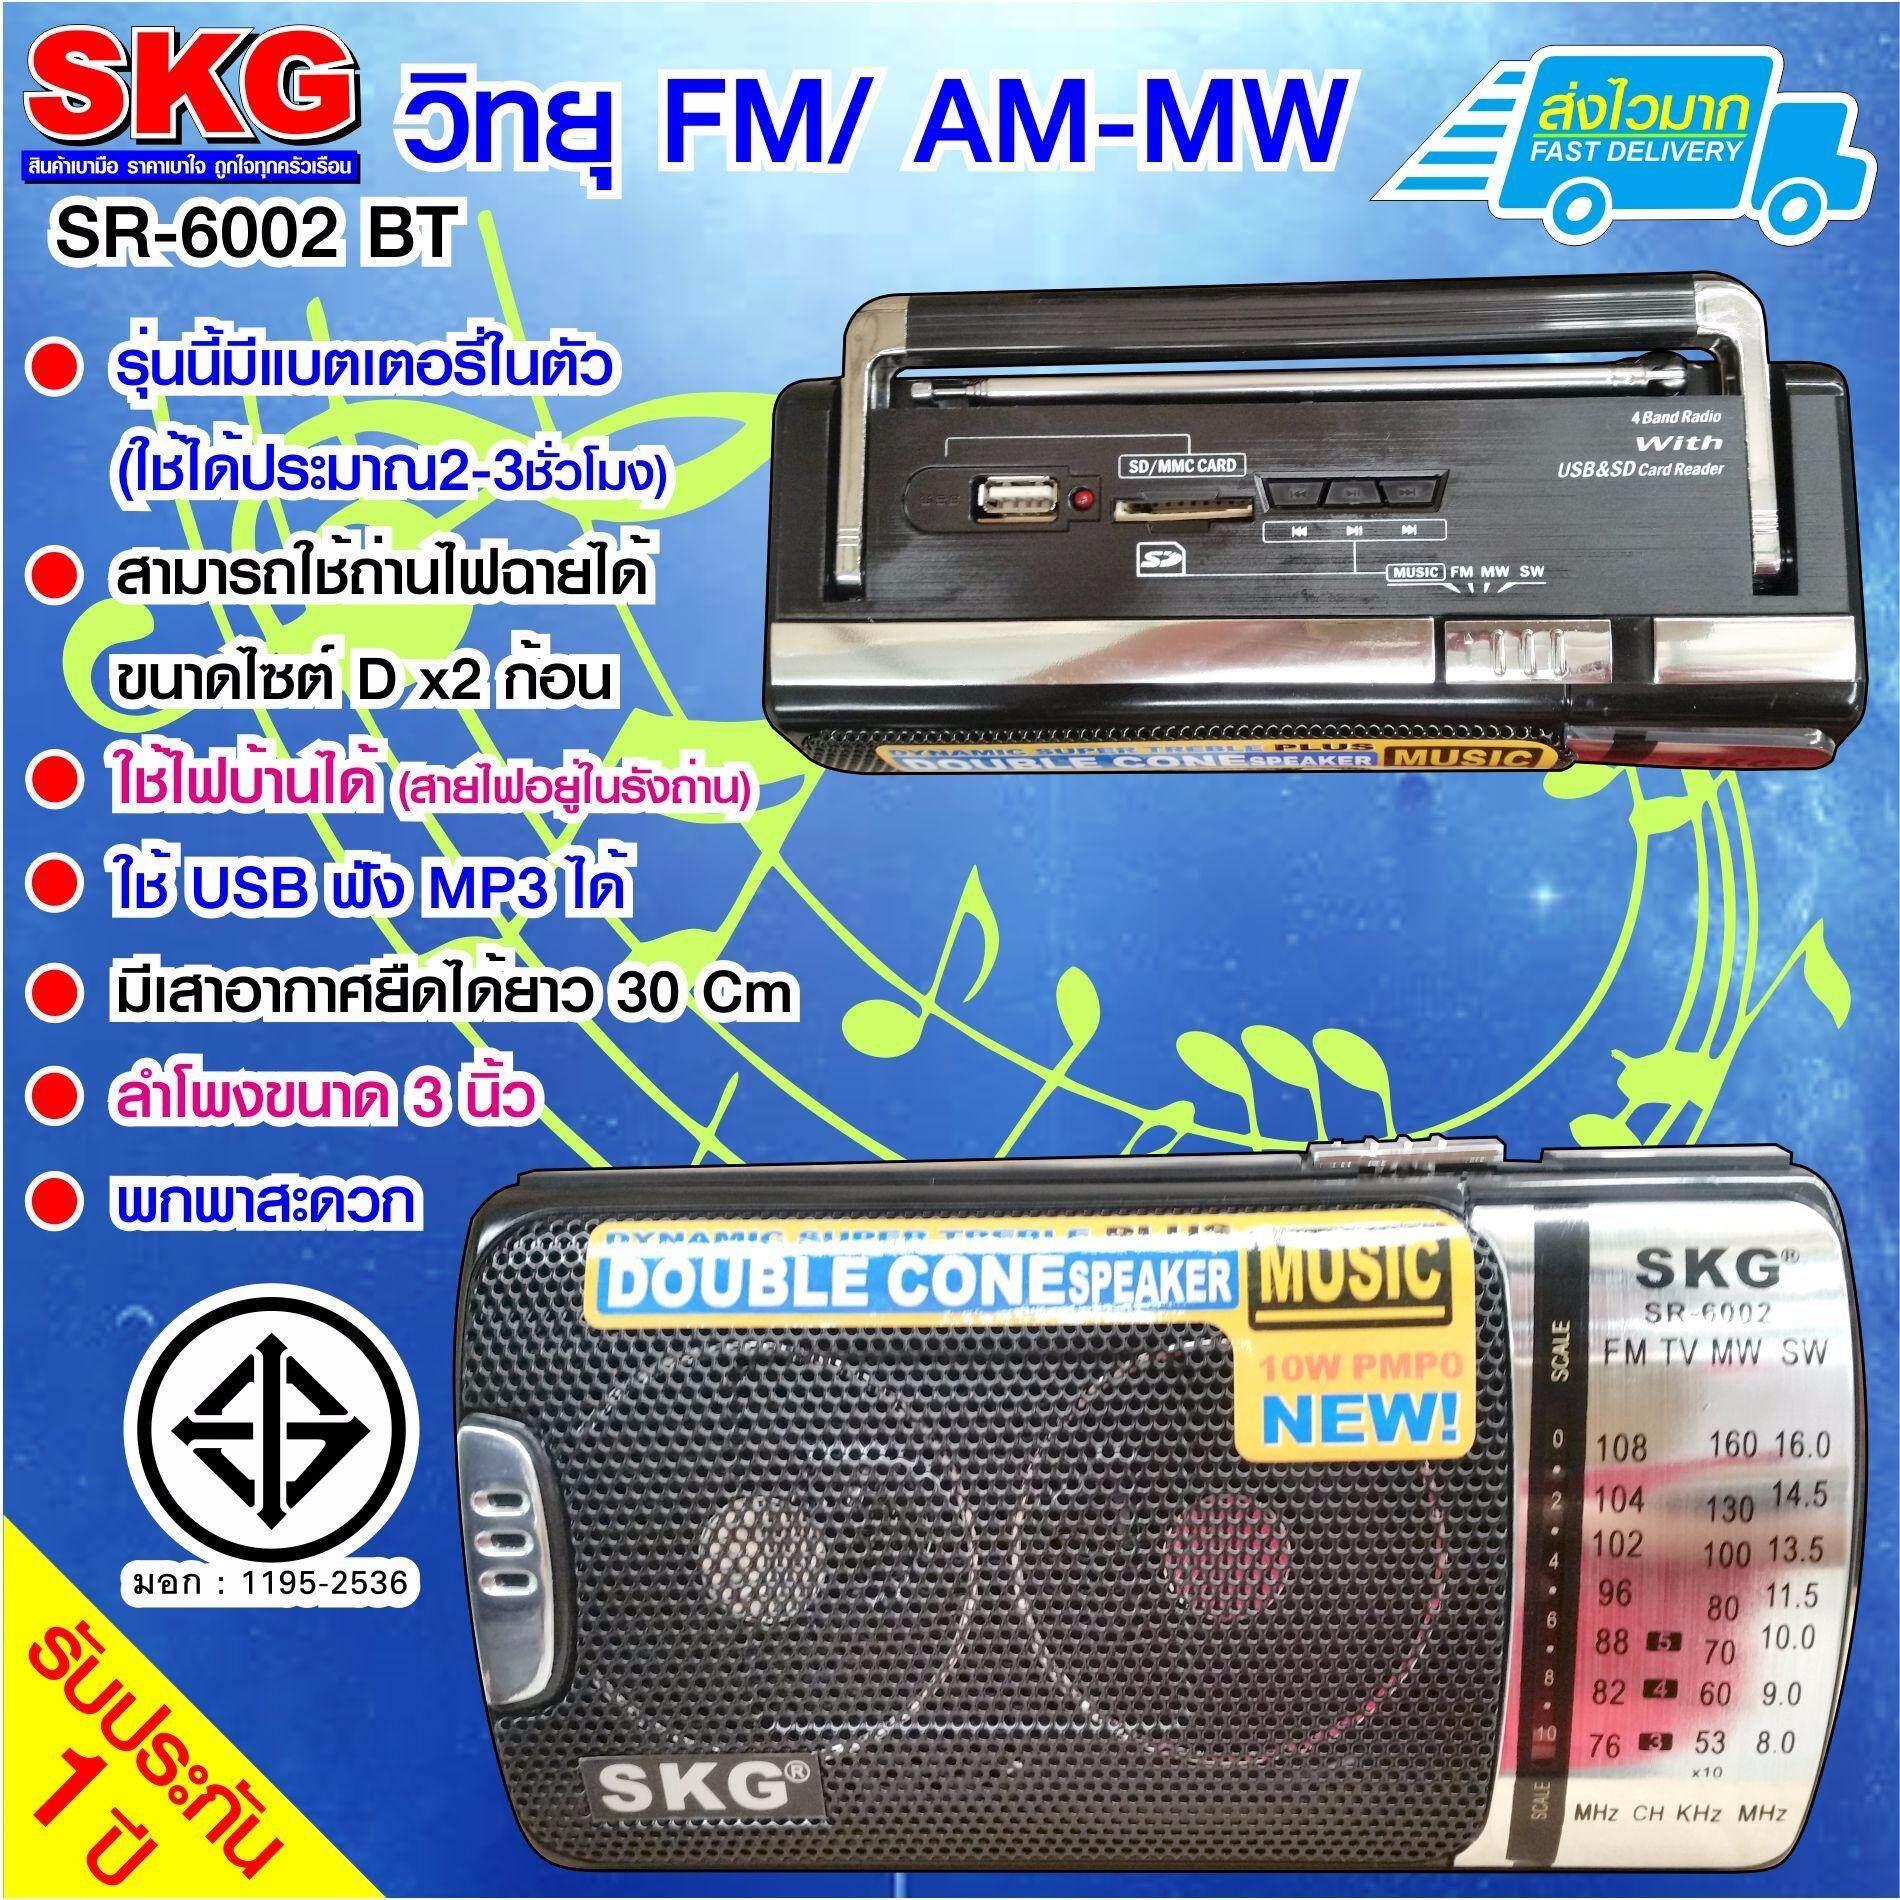 โปรโมชั่น Skg วิทยุ รุ่น Sr 6002 Bt สีดำ Skg ใหม่ล่าสุด